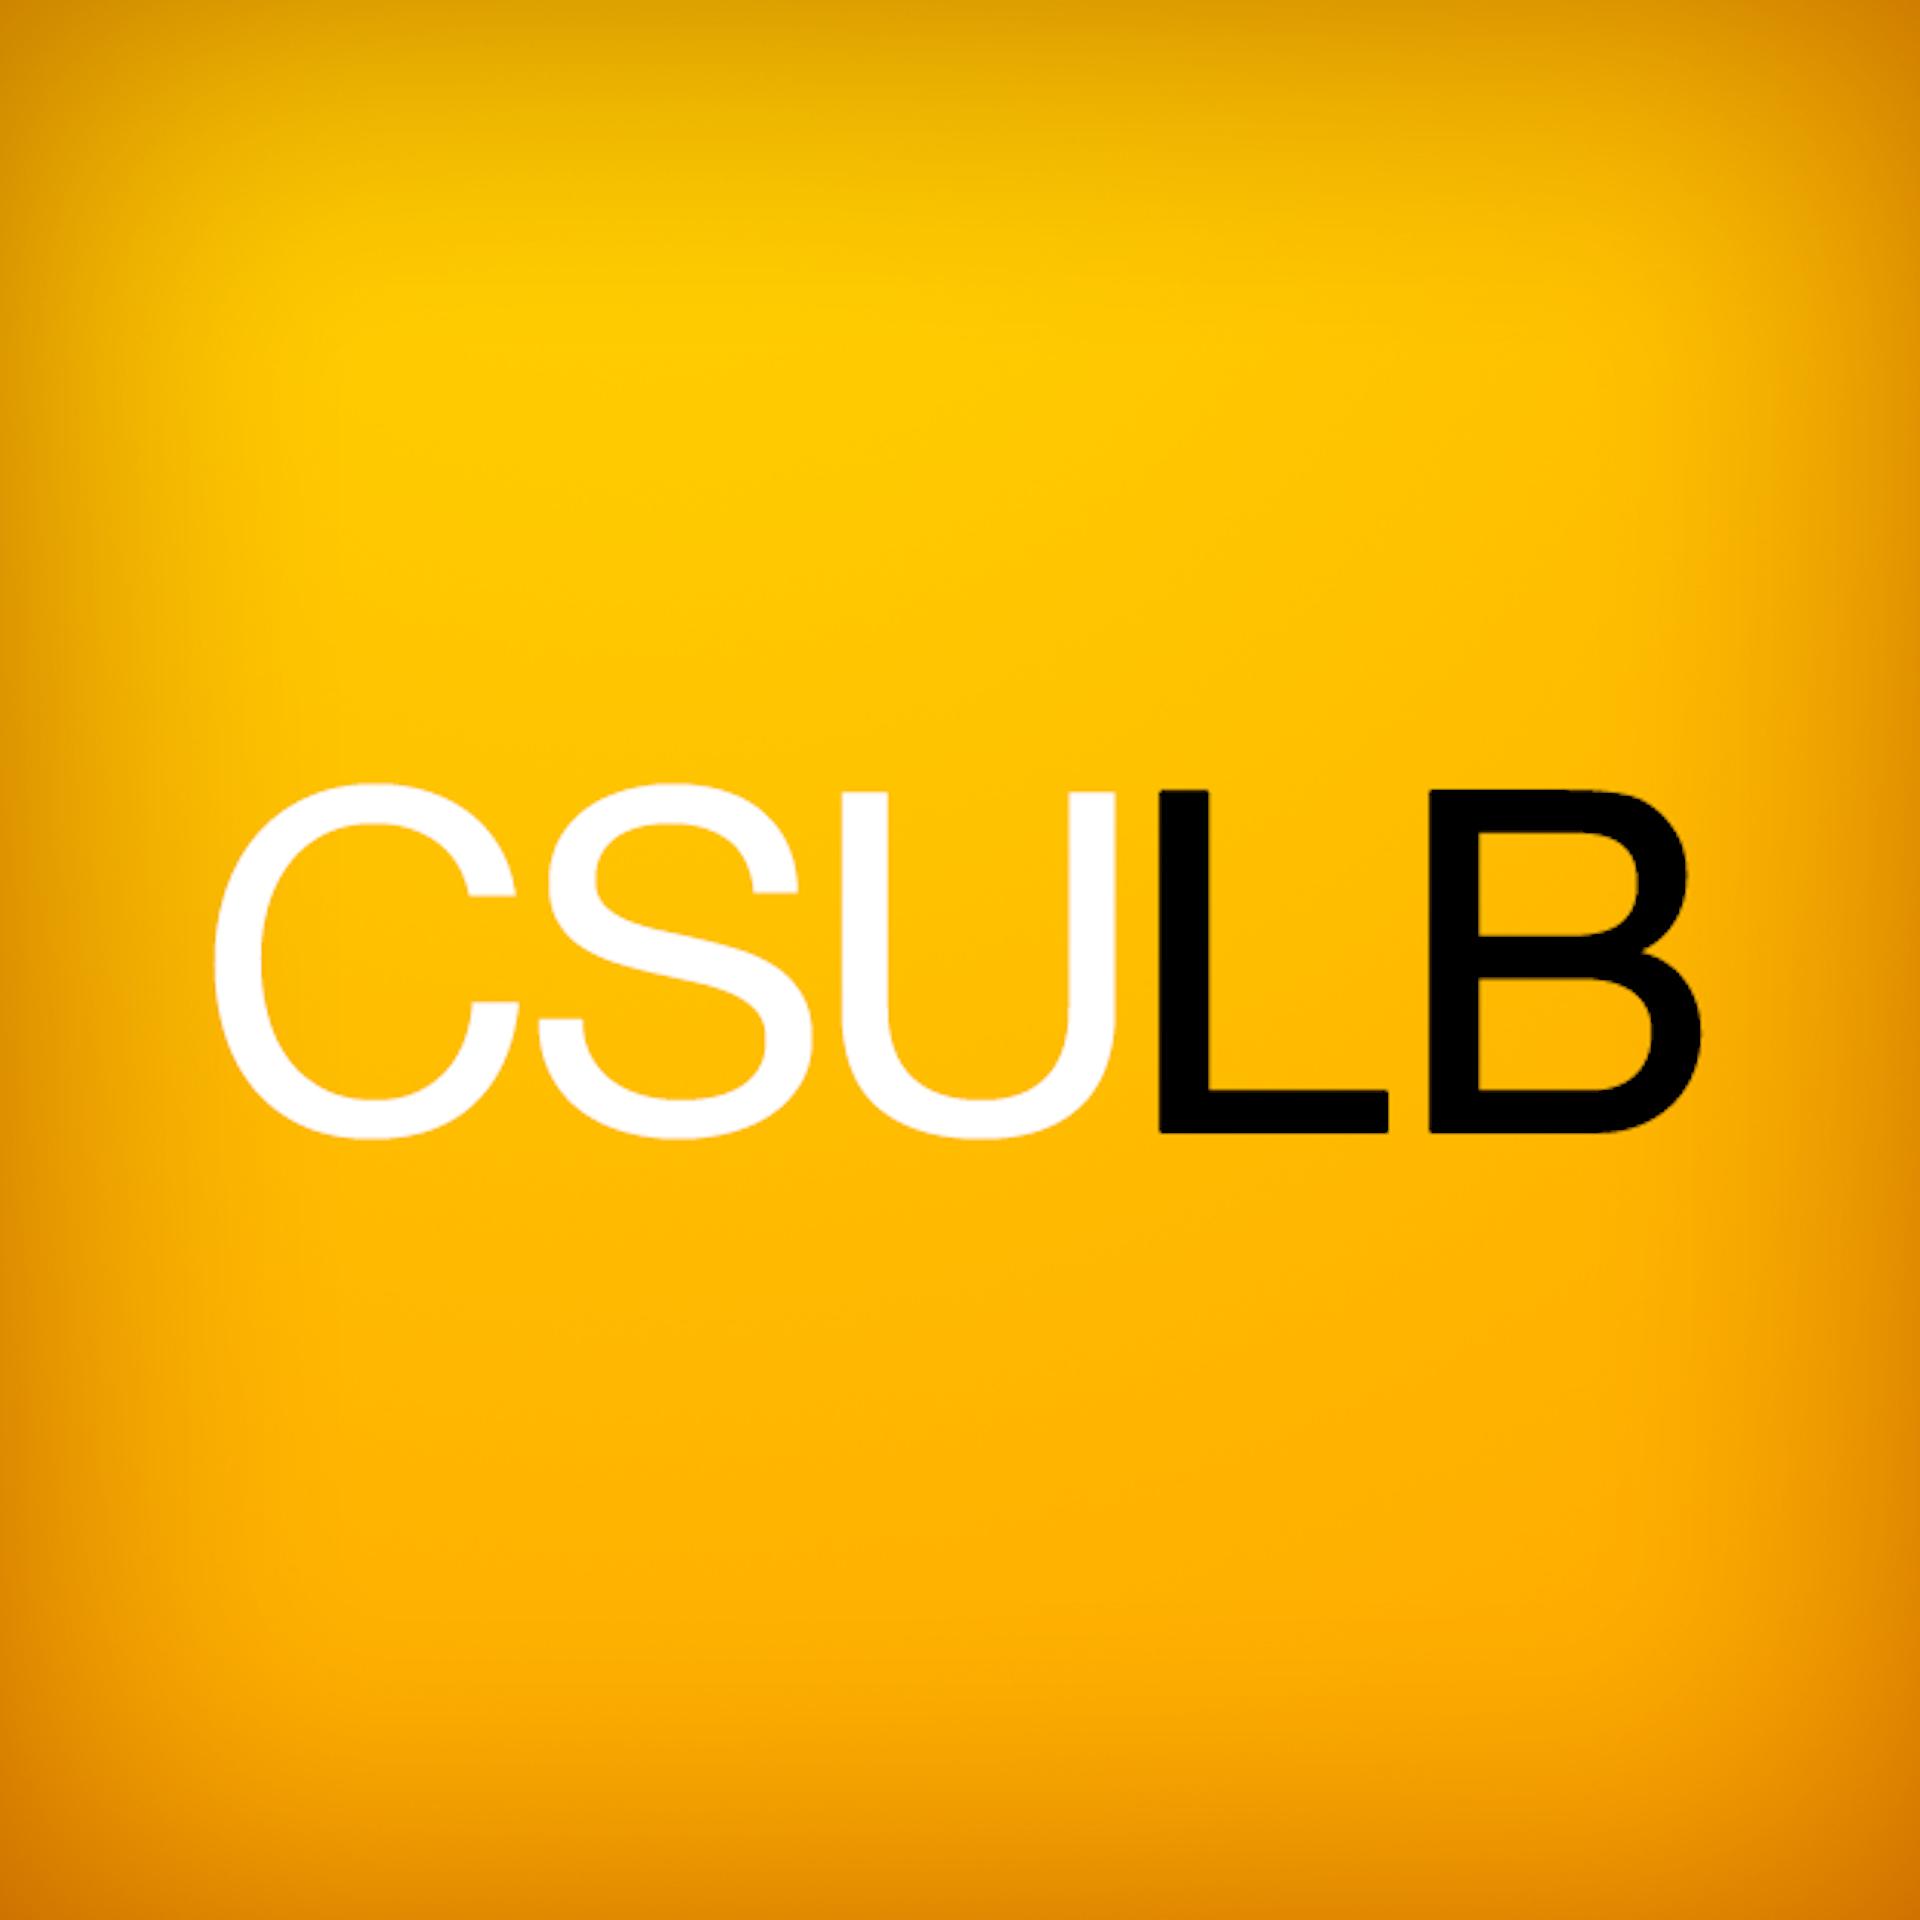 Logo 1471296146.jpg?ixlib=rb 1.1